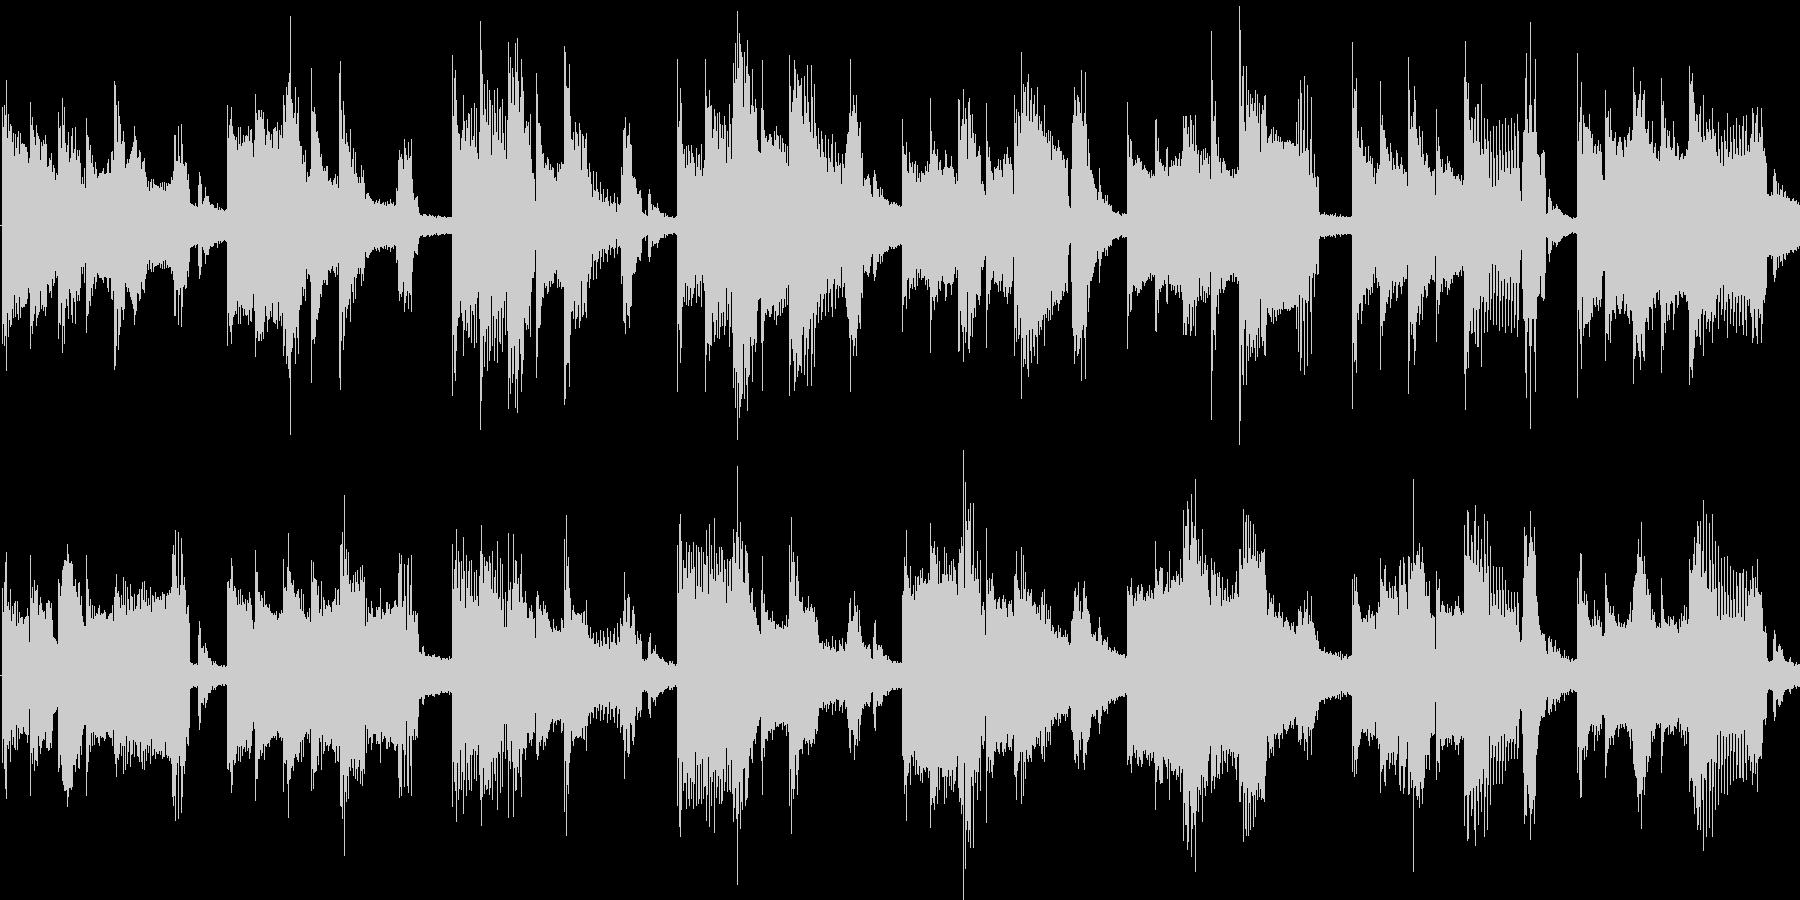 コミカルで軽快な子供向けジングル_ループの未再生の波形